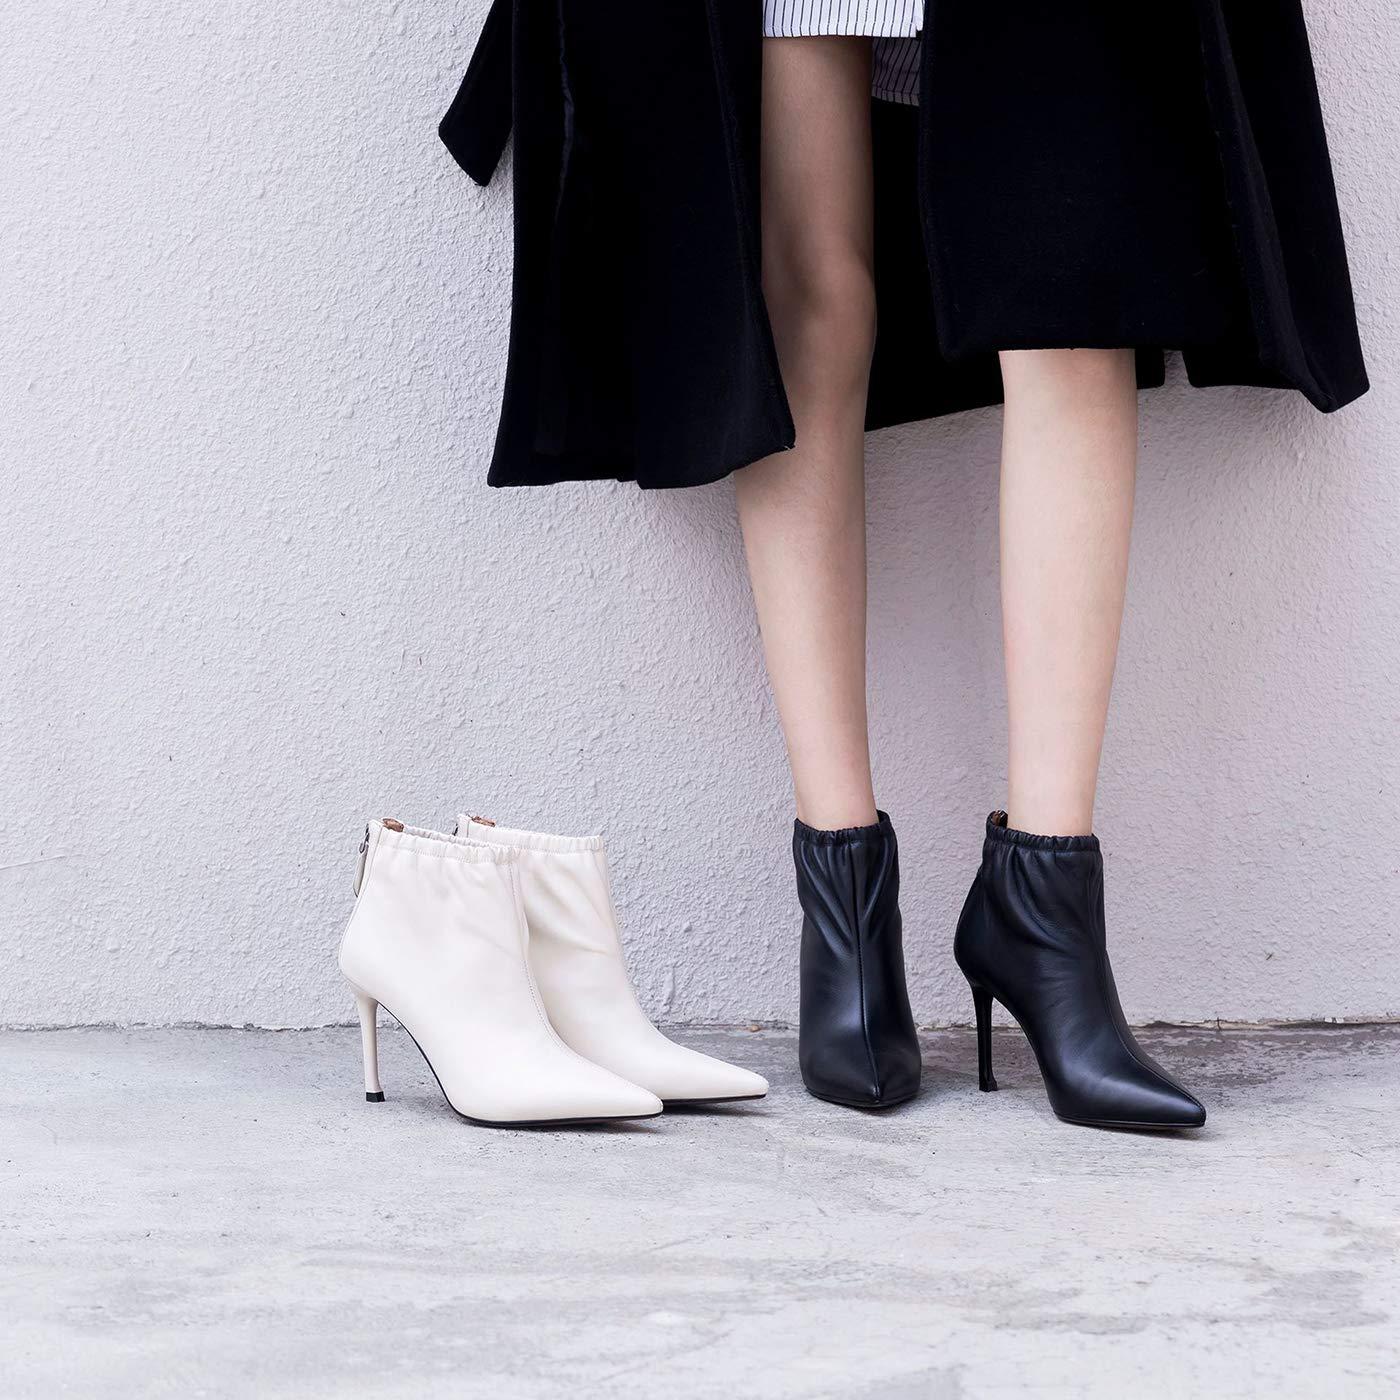 a369a430c4db49 y-h y-h y-h des chaussures bottes de cuir printemps / automne bottine de  talon aiguille les chaussons ...